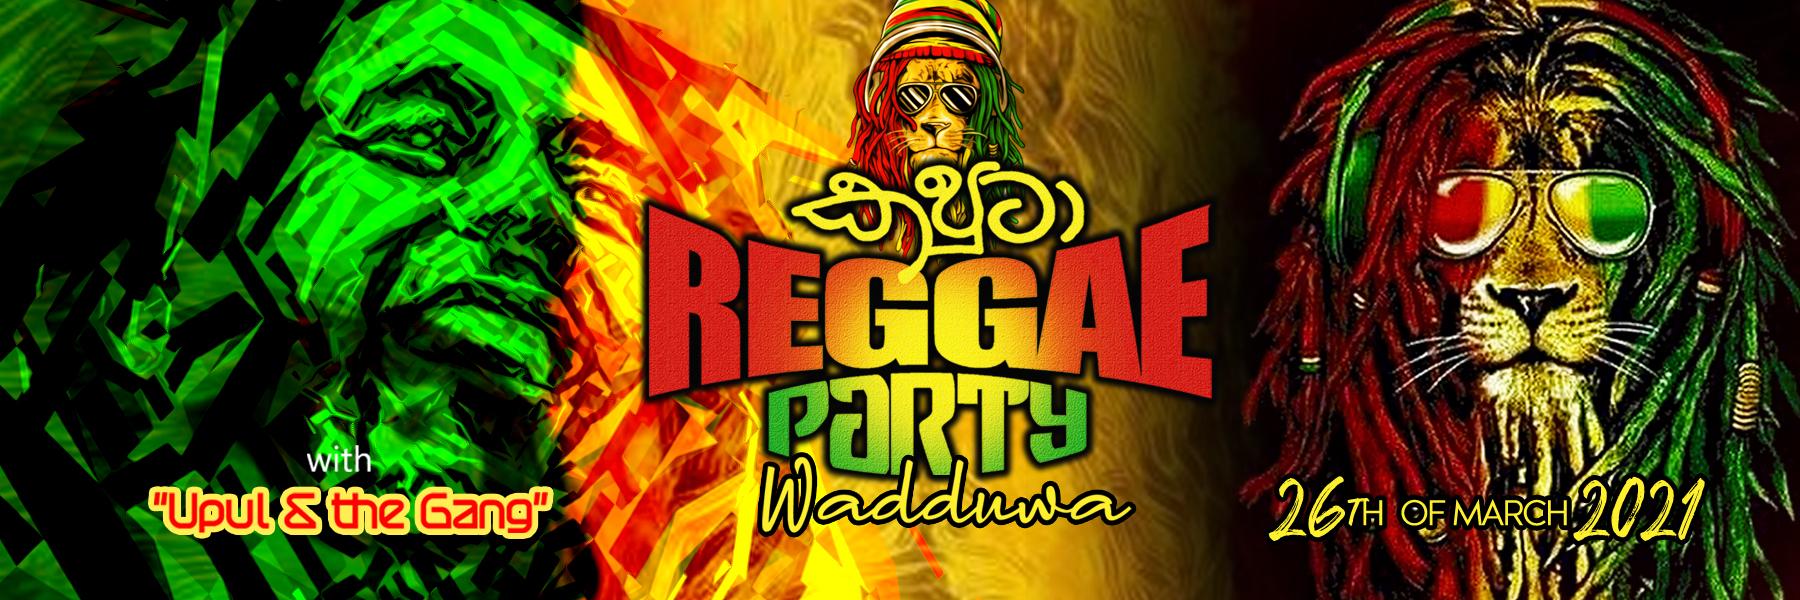 KaputaTv Reggae Party